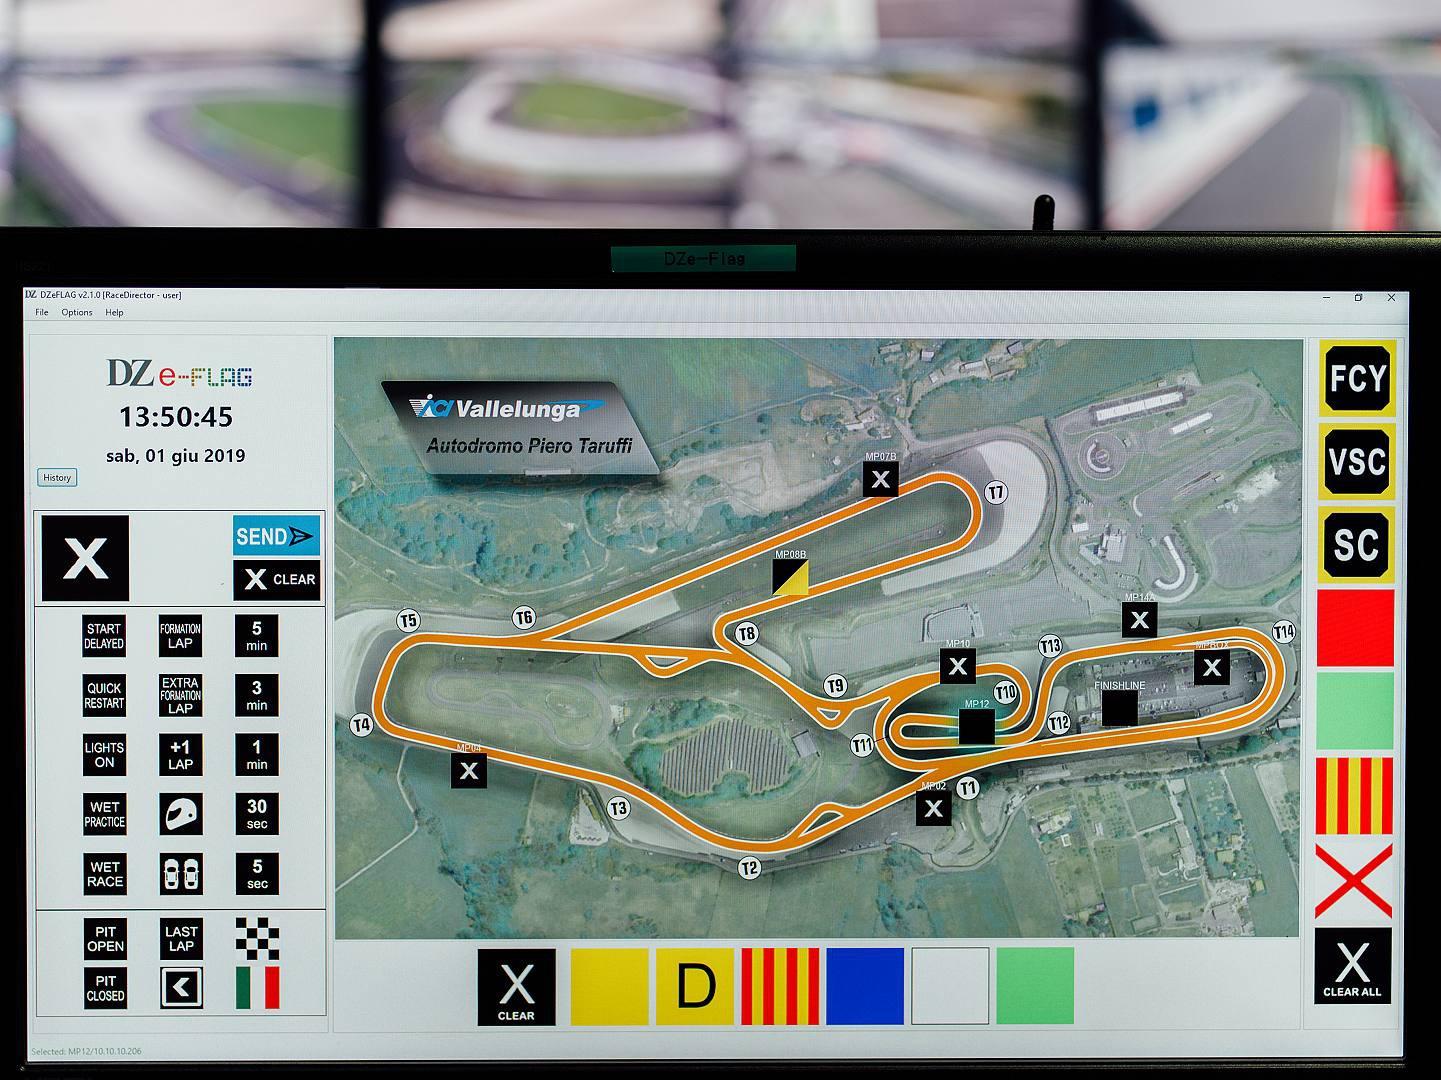 Sicurezza negli autodromi, l'italiana DZ Engineering introduce le DZe-Flag, saranno obbligatorie in tutti i circuiti motoristici